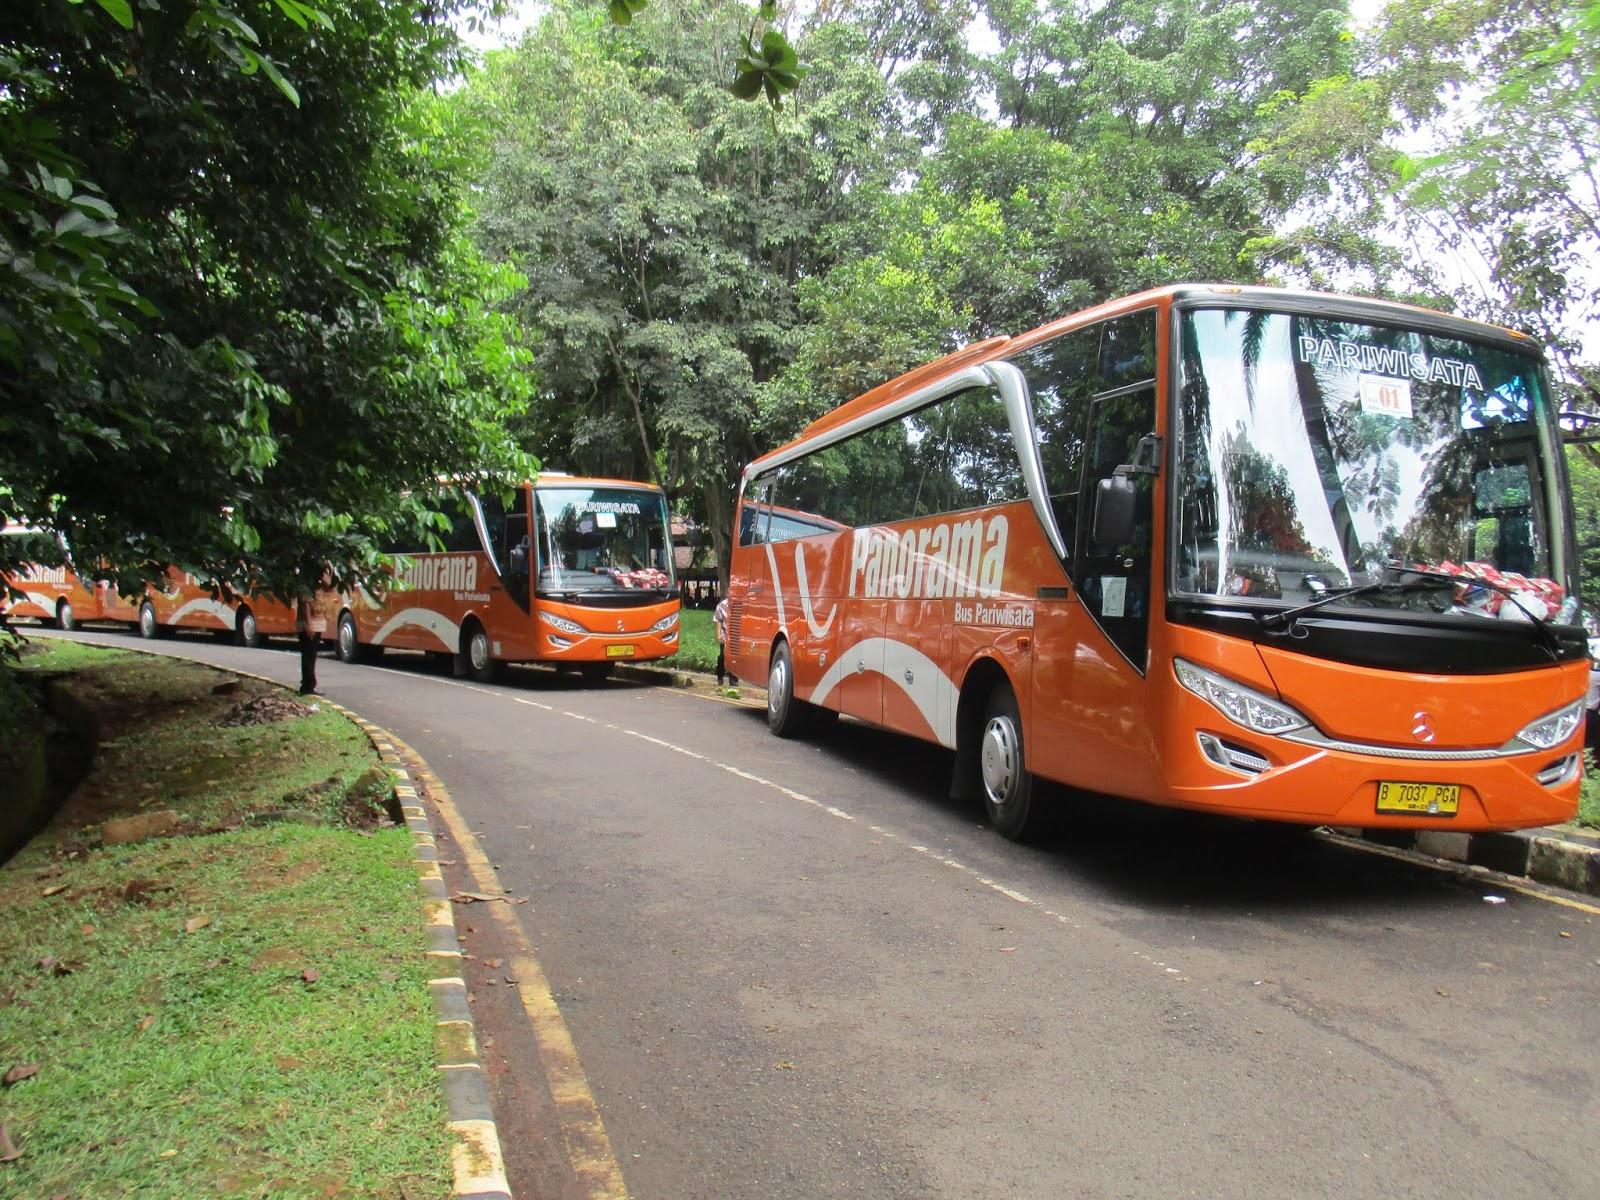 Tips Memilih Bus Pariwisata - Mengintip Harga Bus Pariwisata dari AJB Tour & Trans untuk Perjalanan Dalam Kota dan Luar Kota